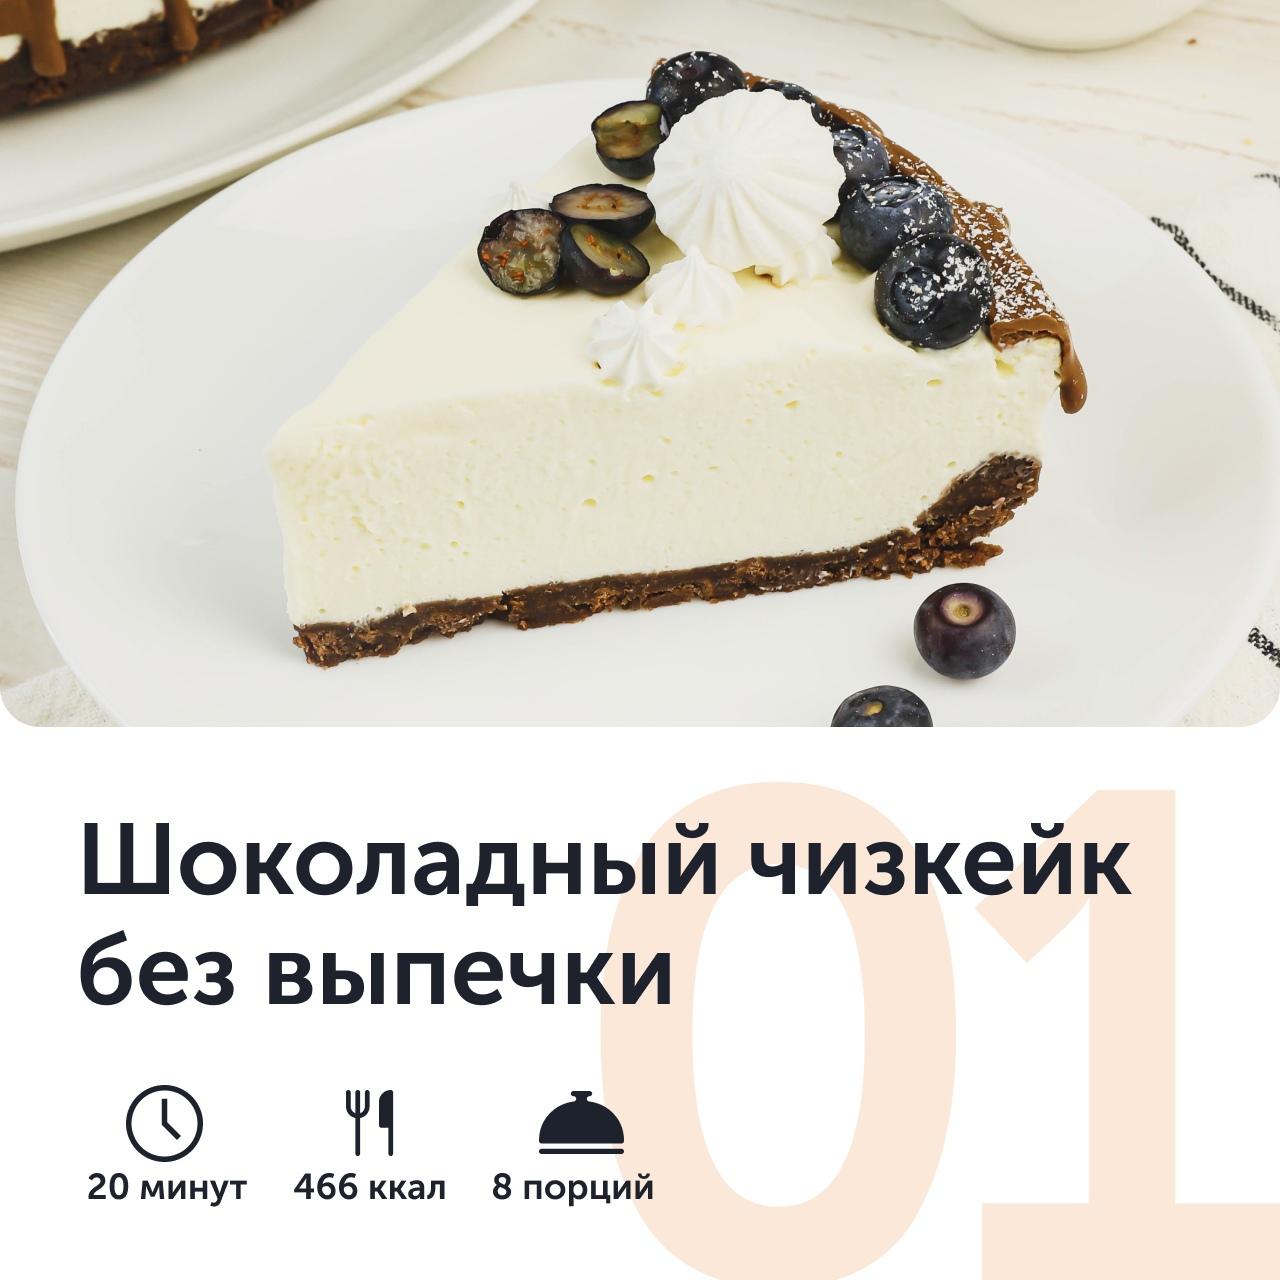 Подборка рецептов самых нежных десертов, которые покоряют с первого кусочка! 😇